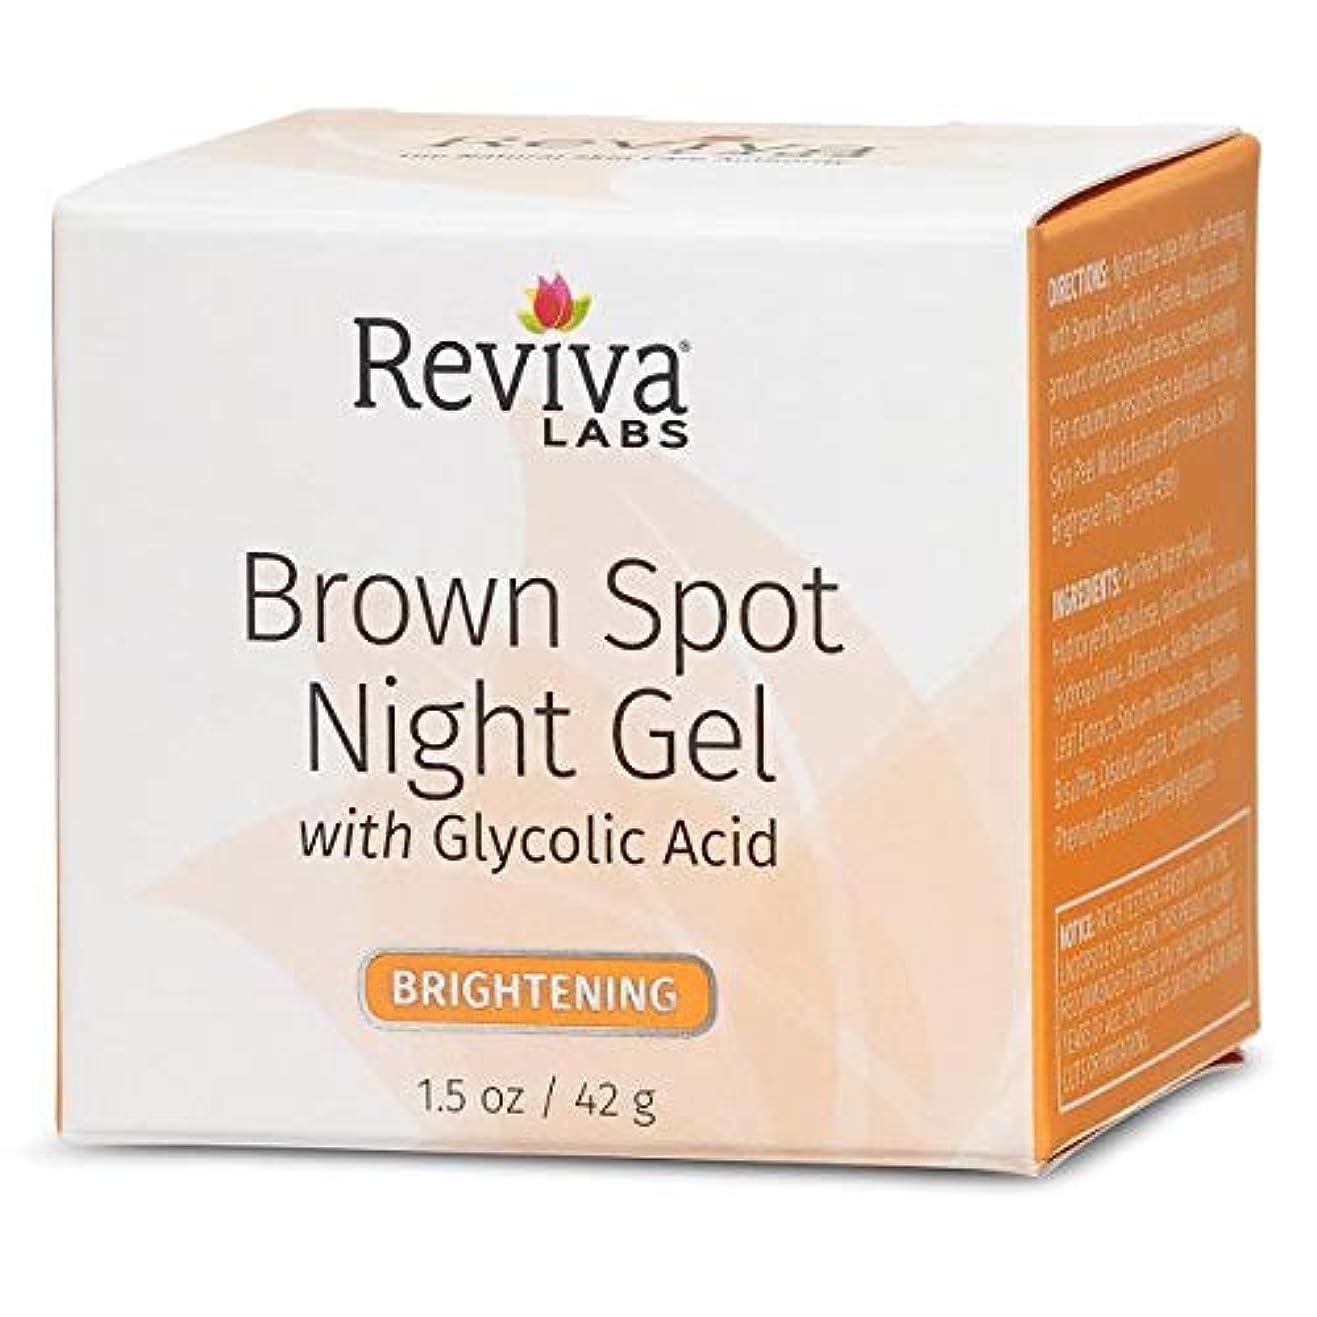 促す数字あらゆる種類のブラウンスポット ナイトジェル グリコール酸入り 1.25oz. REVIVA LABS社製 海外直送品